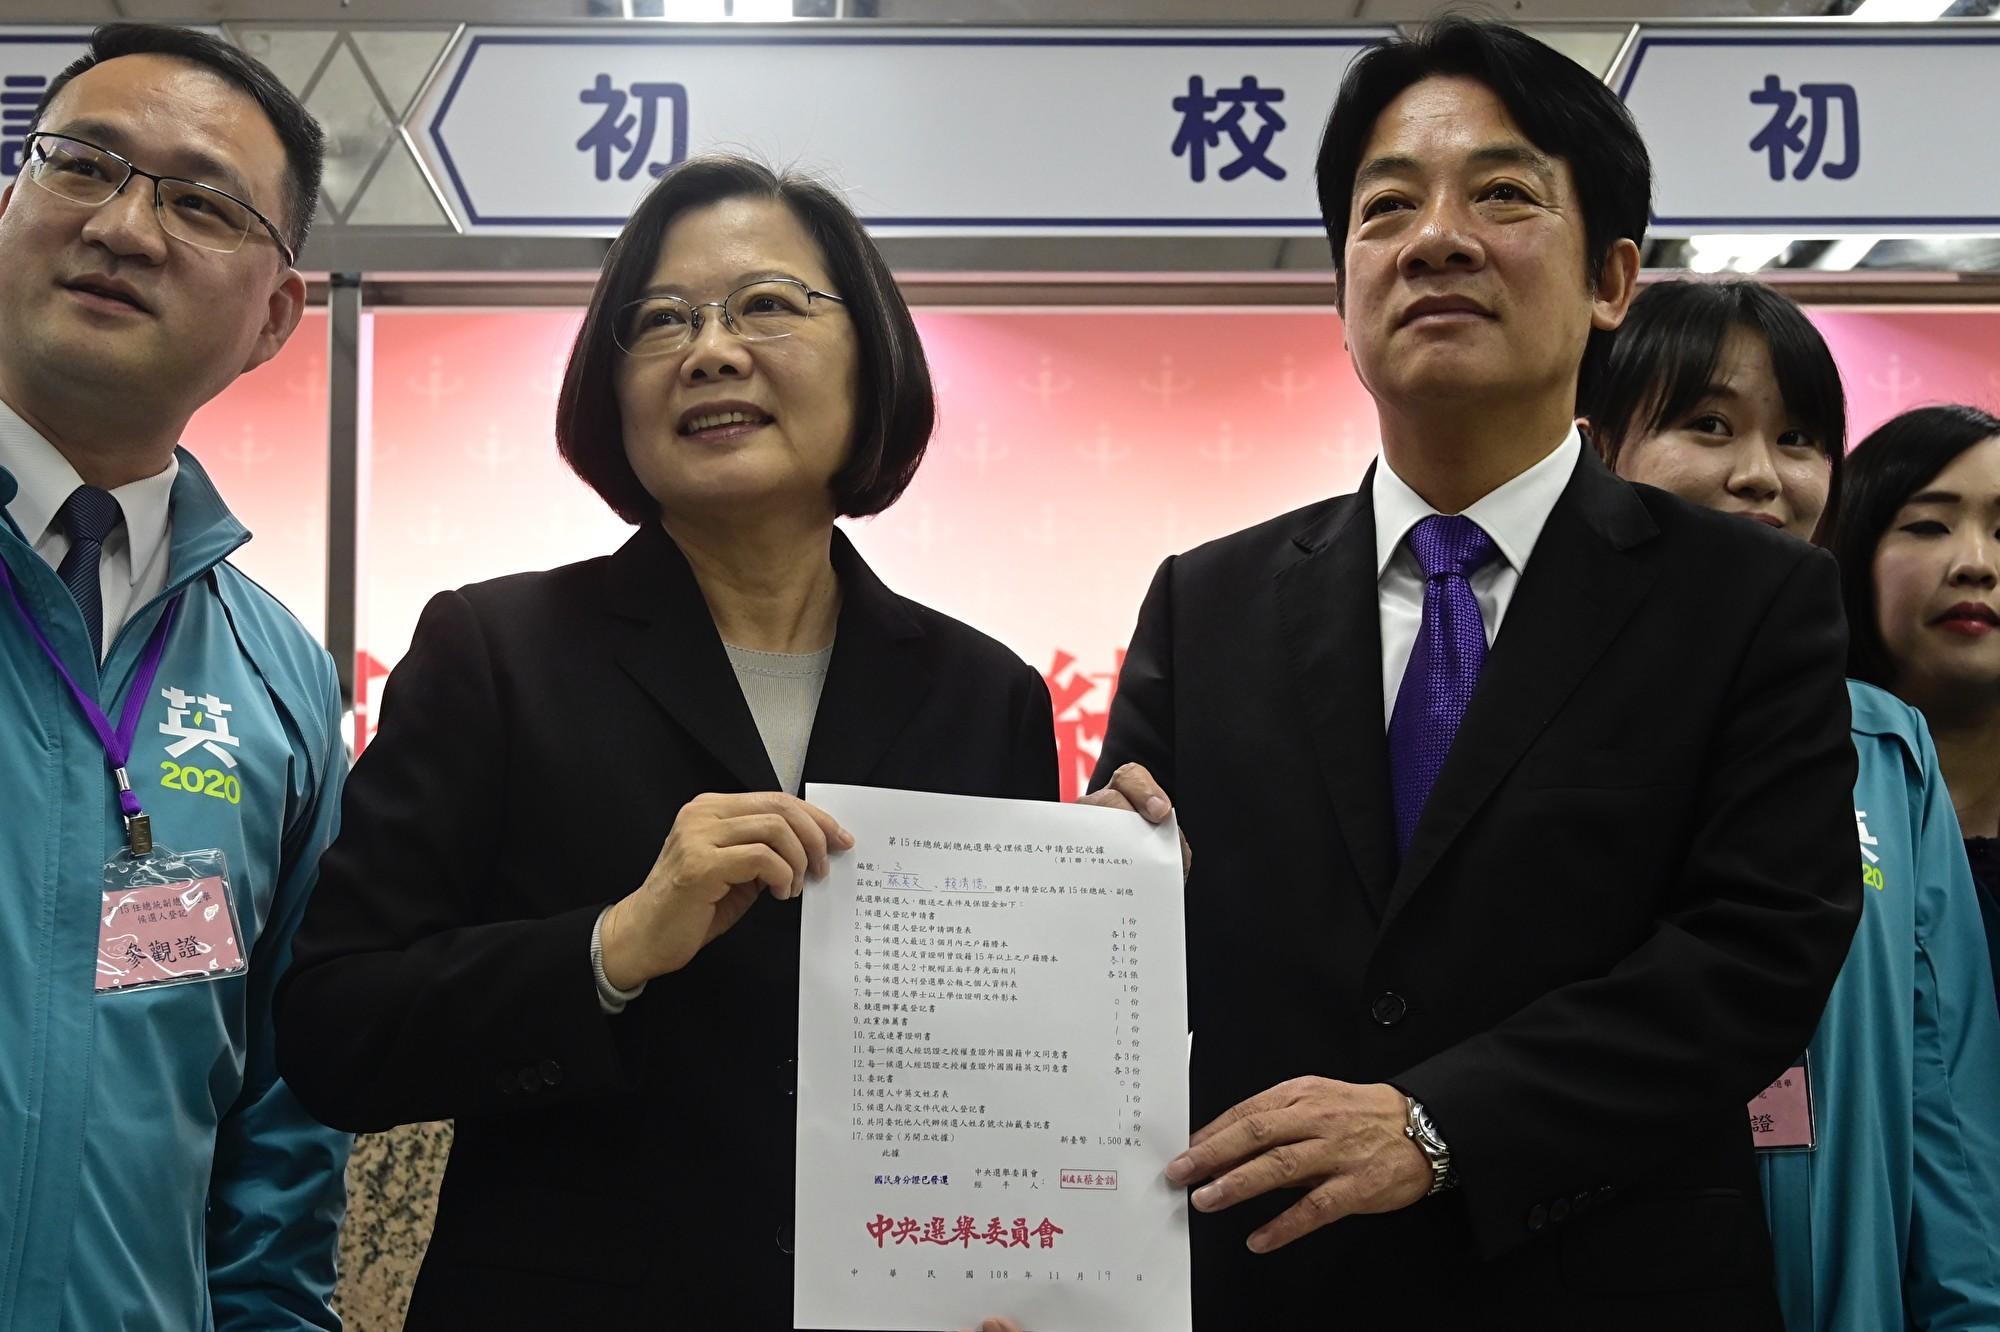 學者:慎防中共暗殺台總統候選人 製造混亂